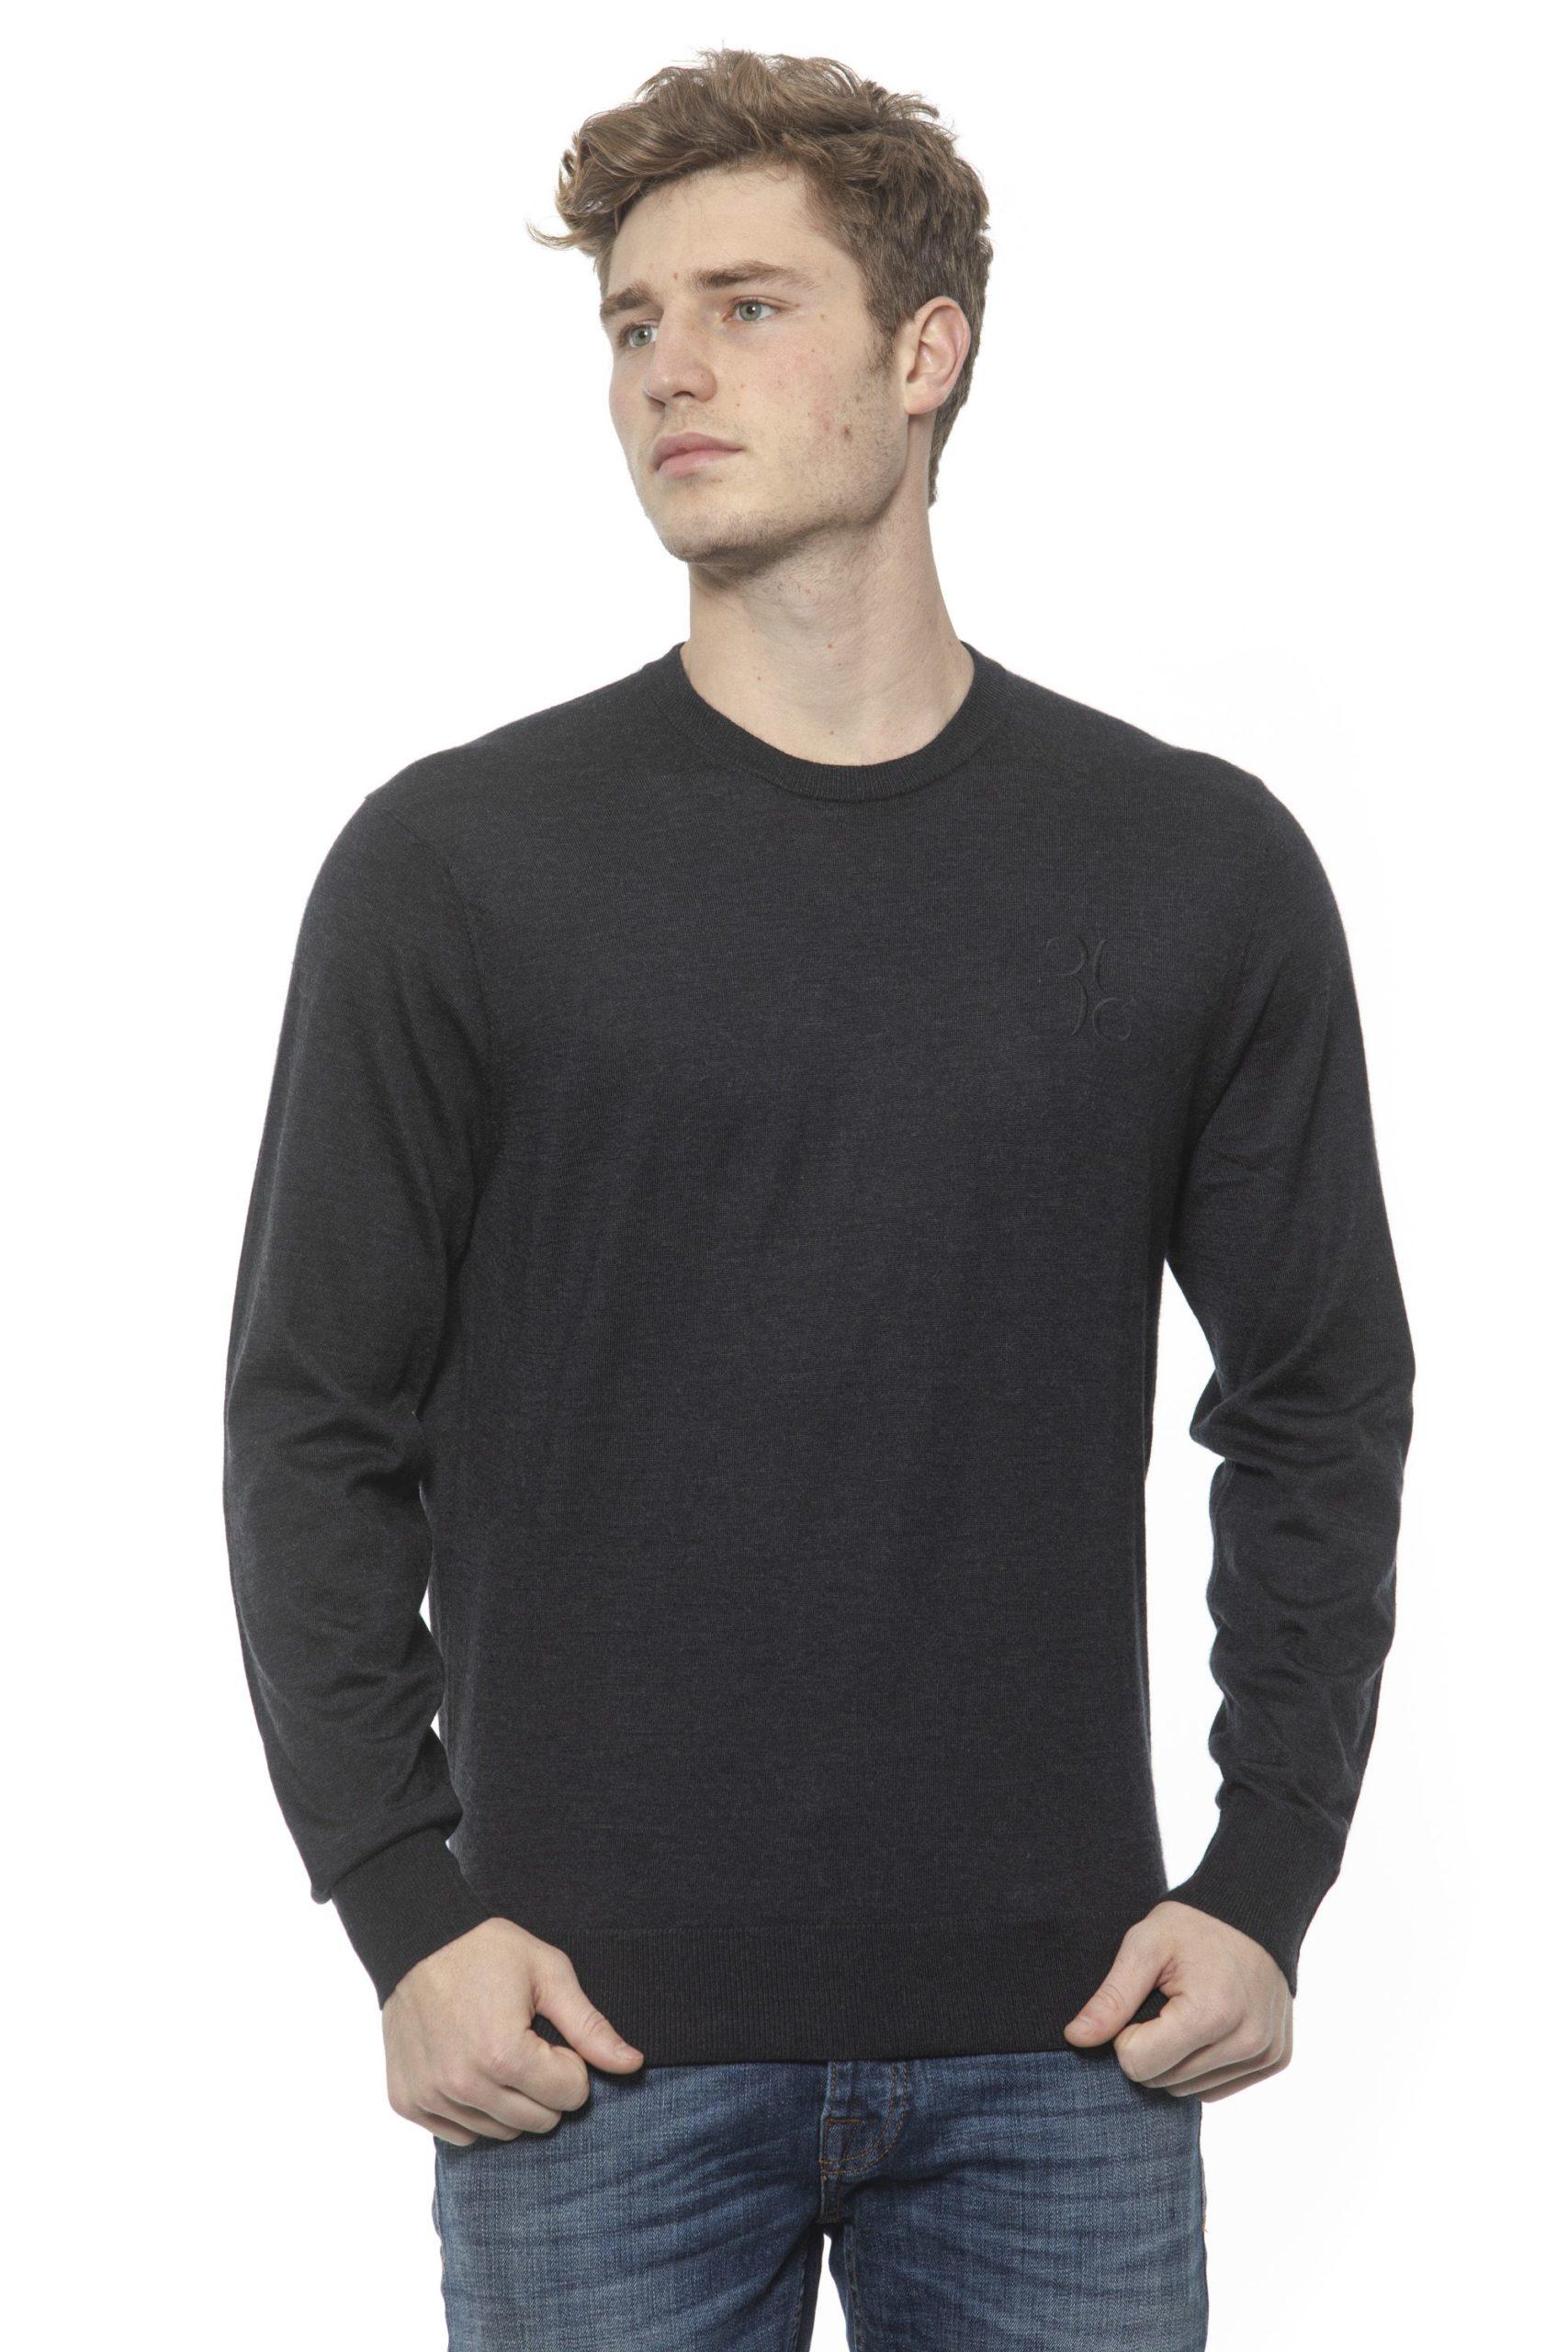 Billionaire Italian Couture Men's Anthracite Sweater White BI1313561 - M